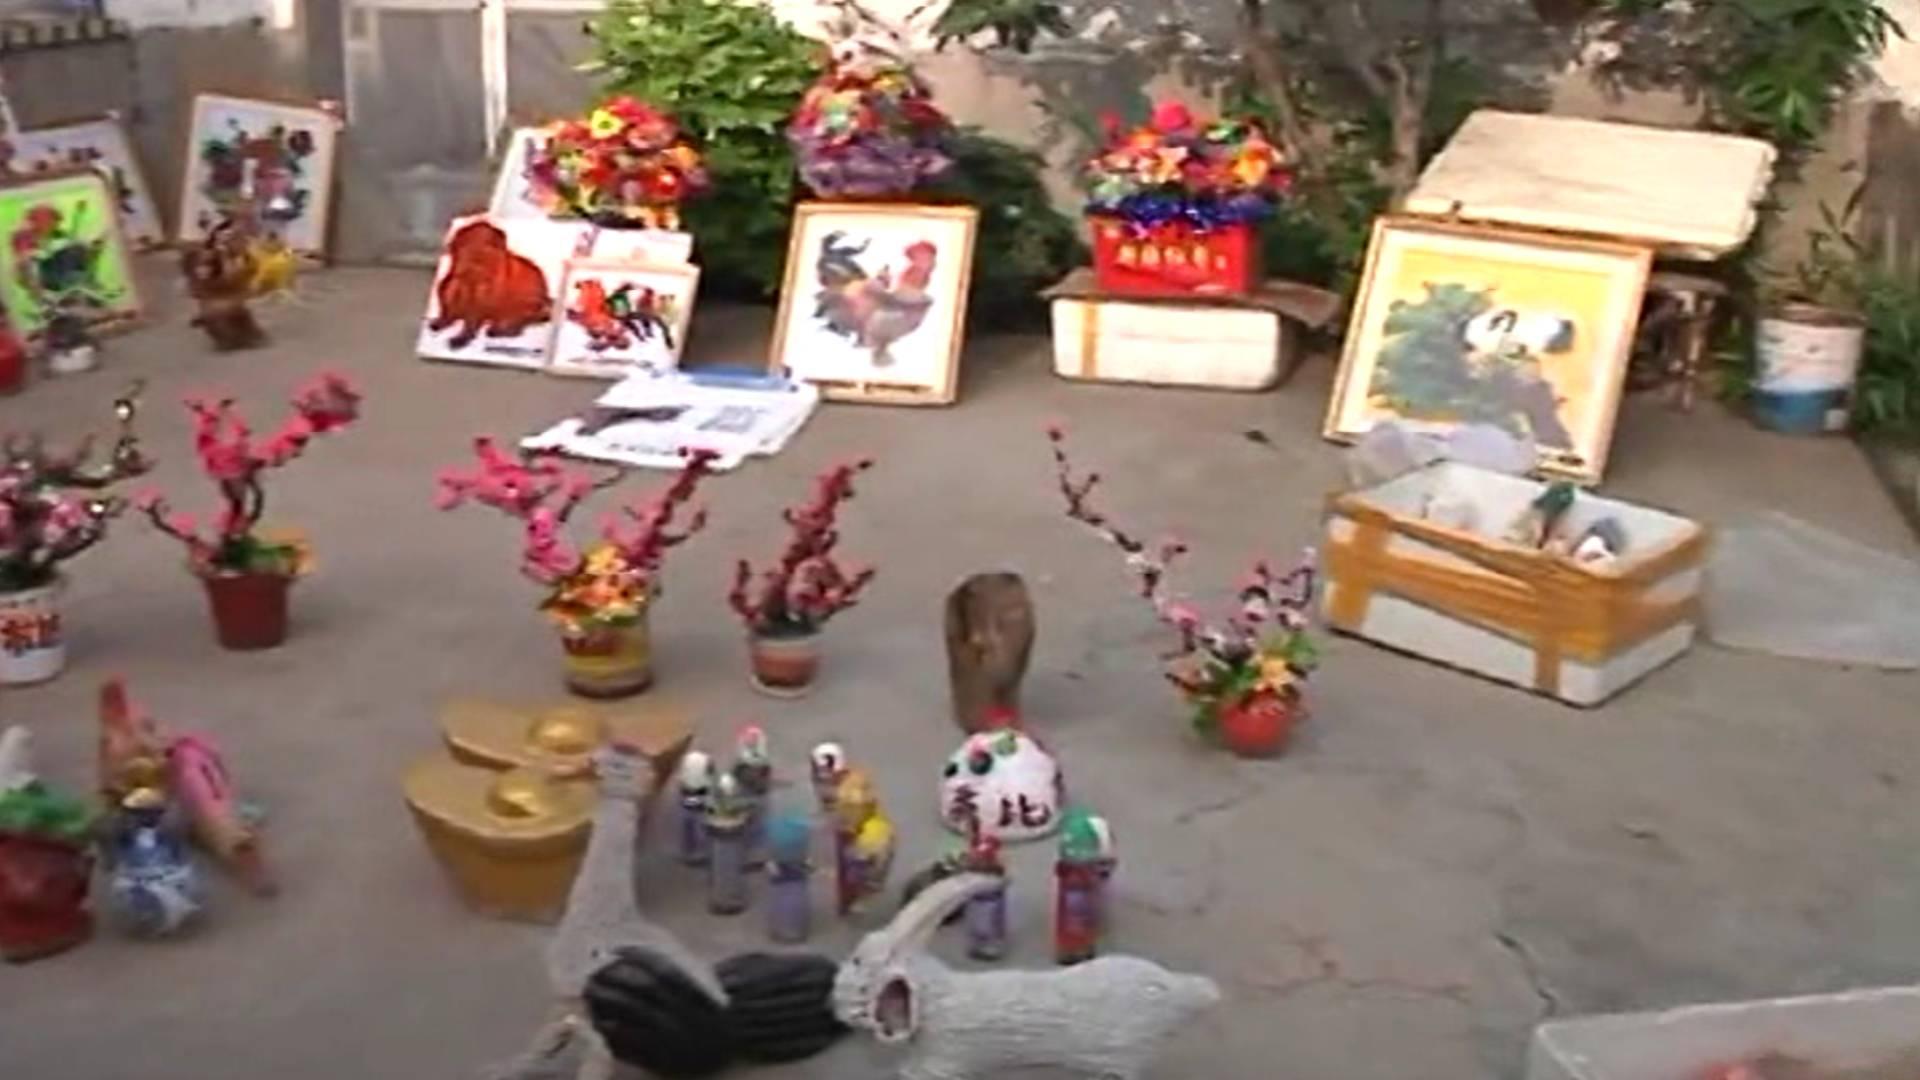 70秒|莱州七旬老人痴迷环保工艺制作 一双巧手变废为宝